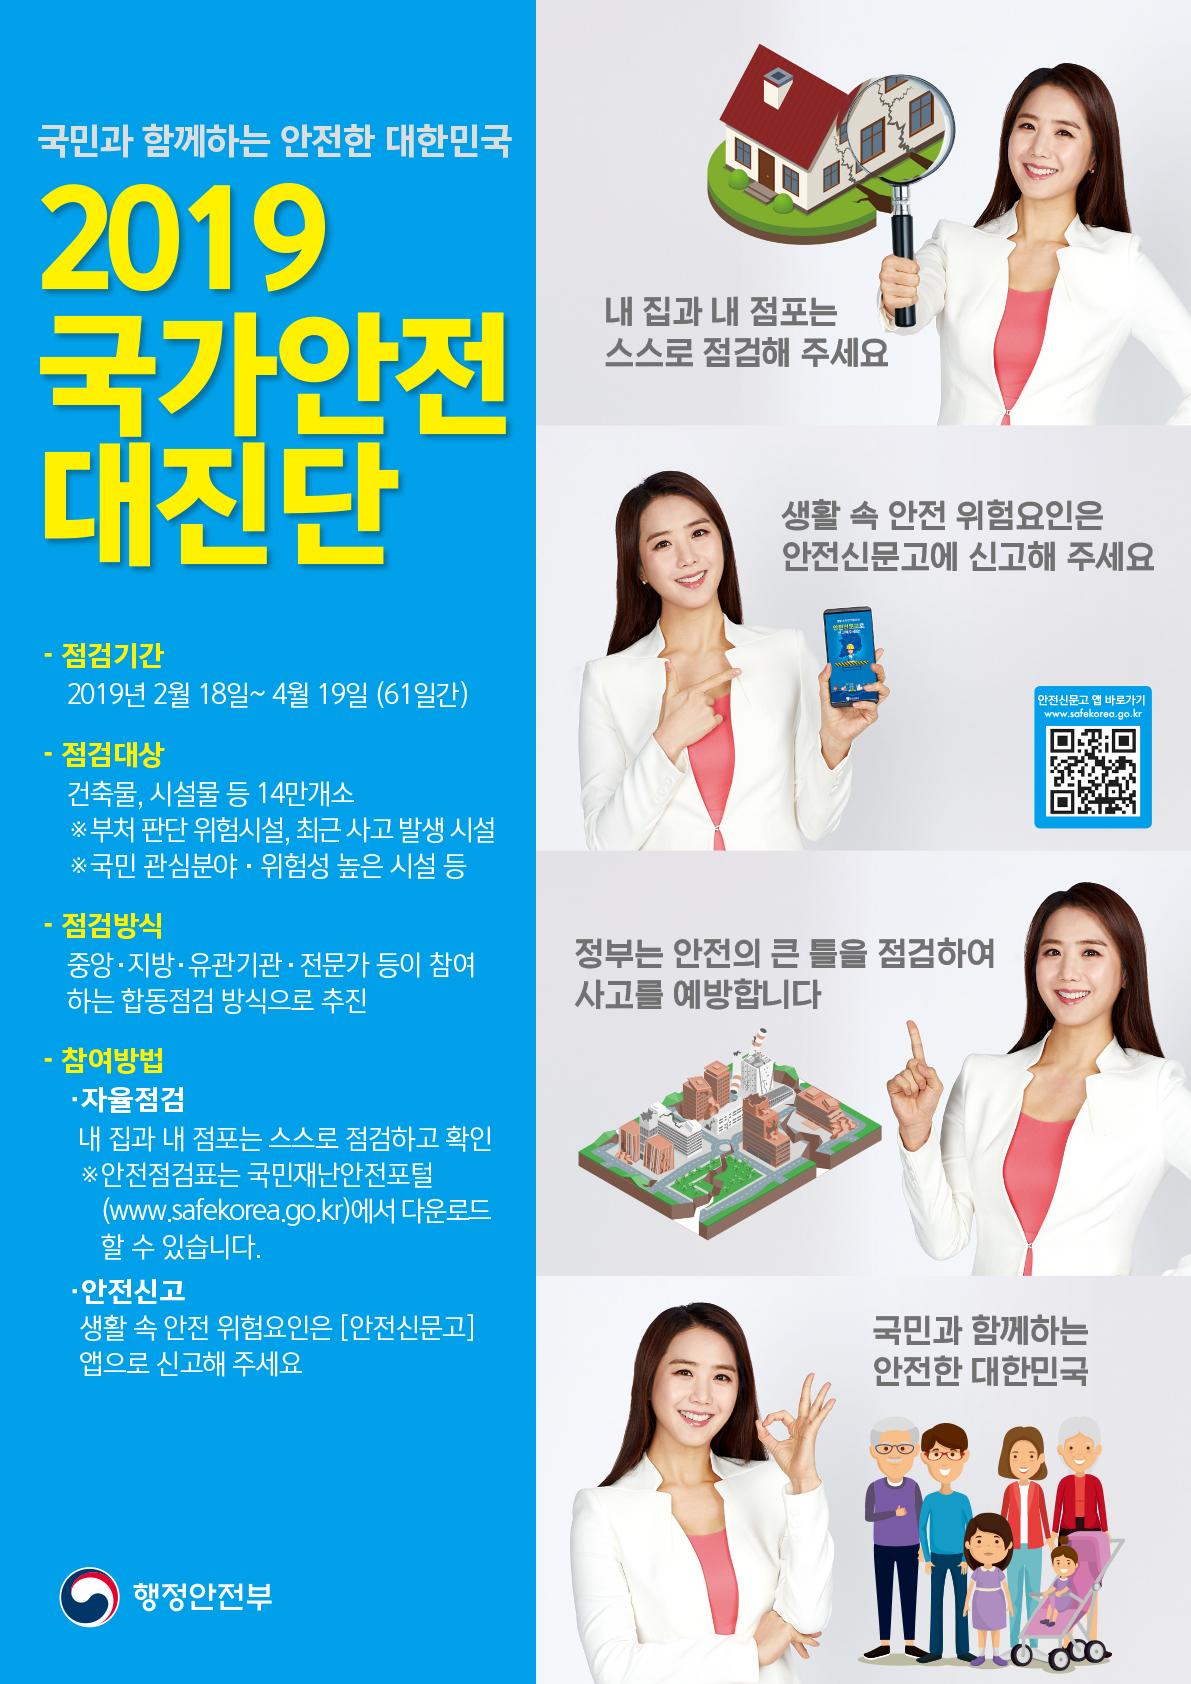 2019-국가안전대진단-홍보-포스터(A,-B)-(2)-1.jpg